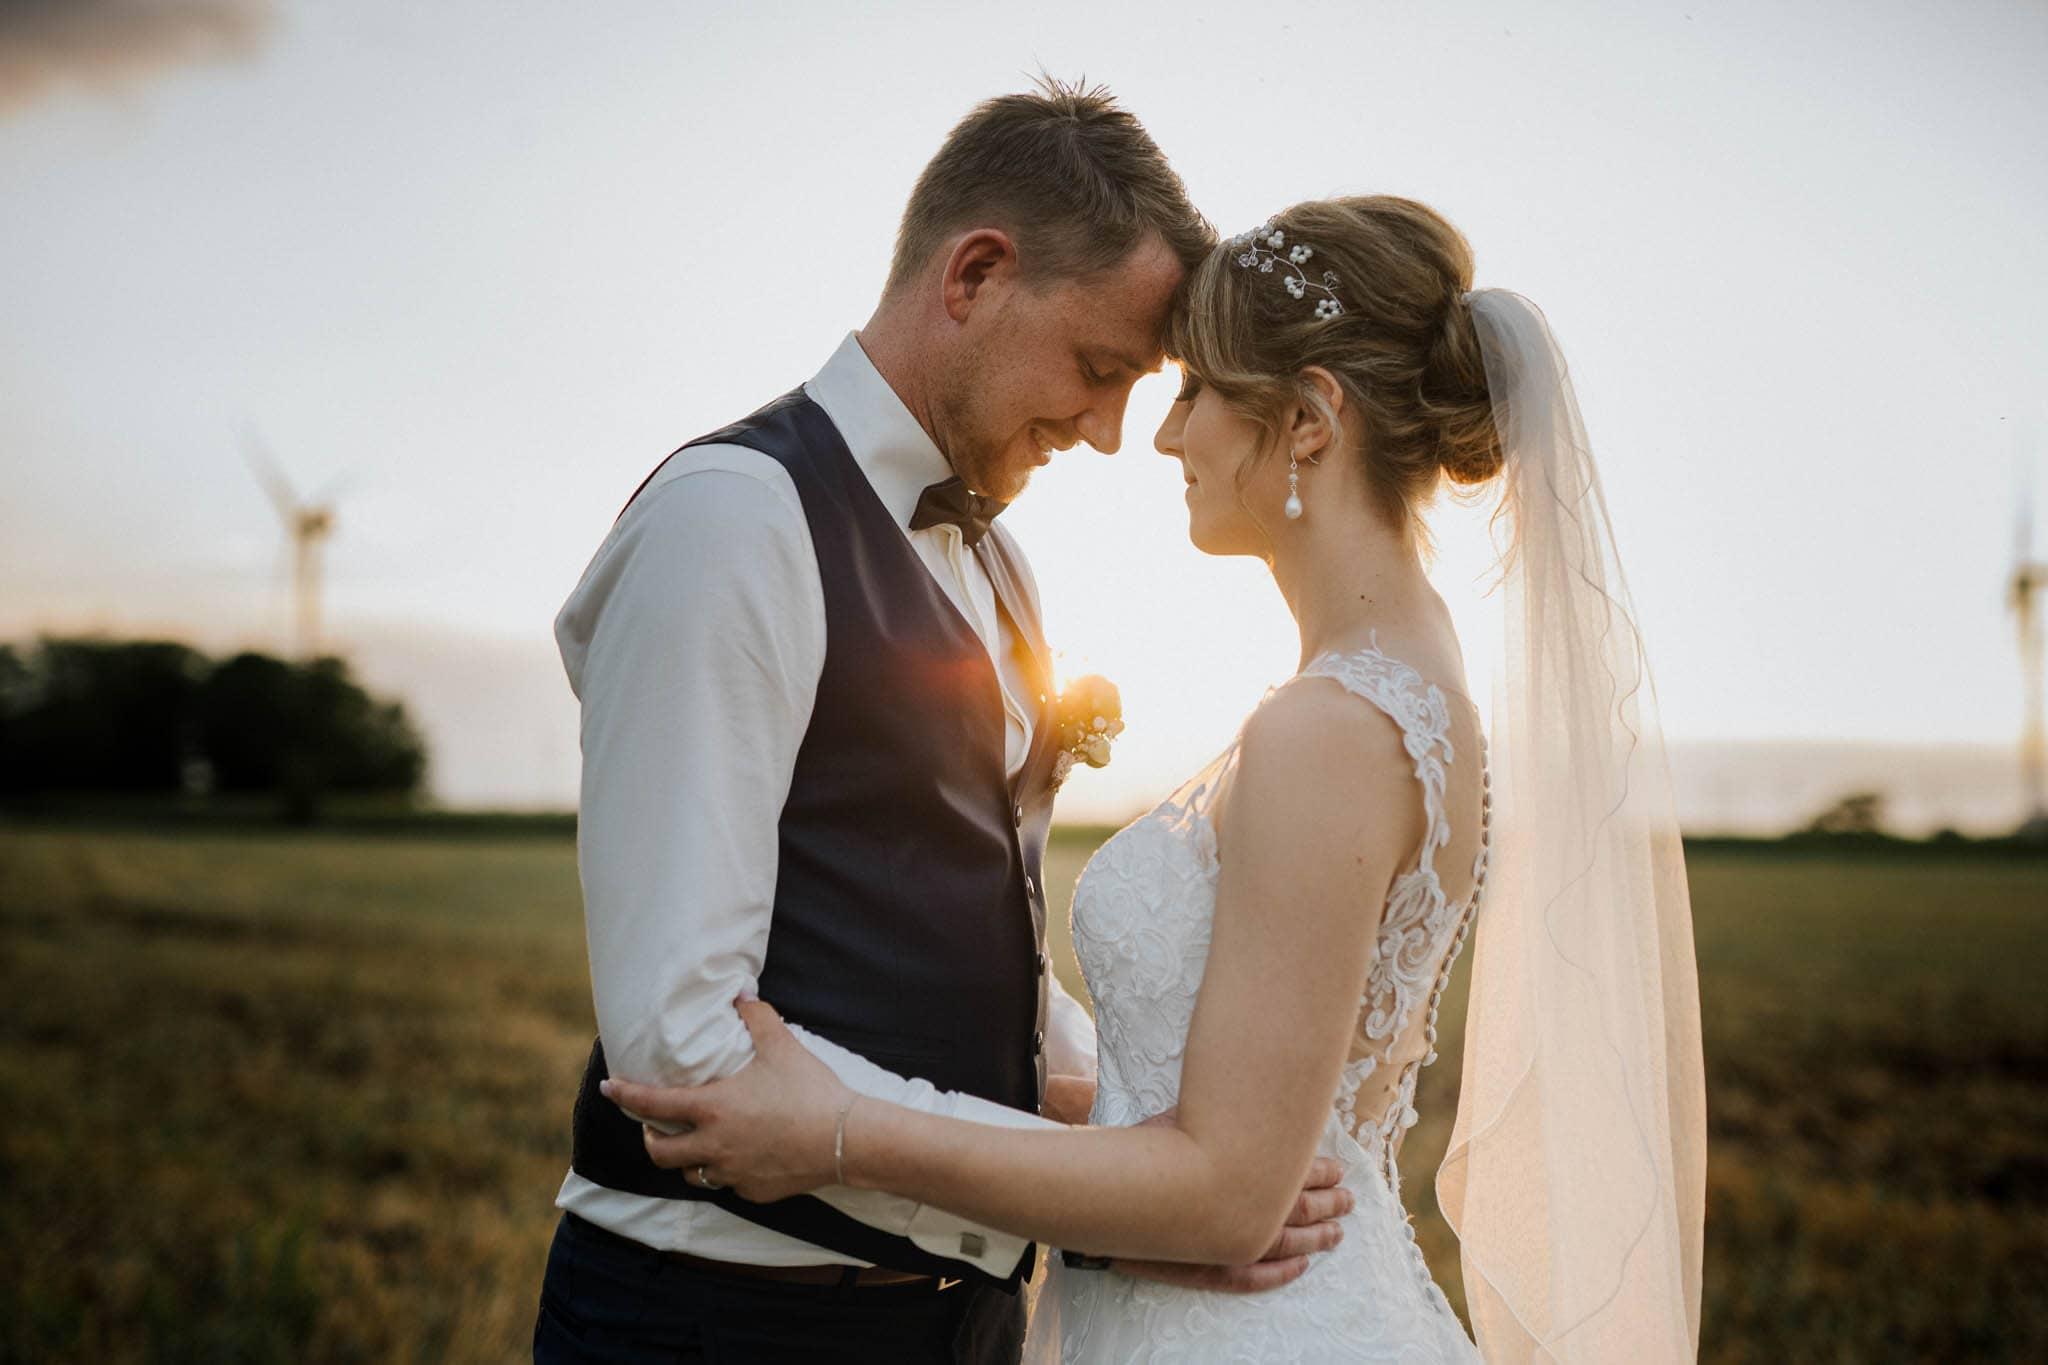 Hochzeitsfieber by Photo-Schomburg, Hoichzeitsfotograf, Hamburg, Wedding, Weddingtime, Hochzeitspaar, Braut, Bräutigam, Hochzeit im Norden,-130